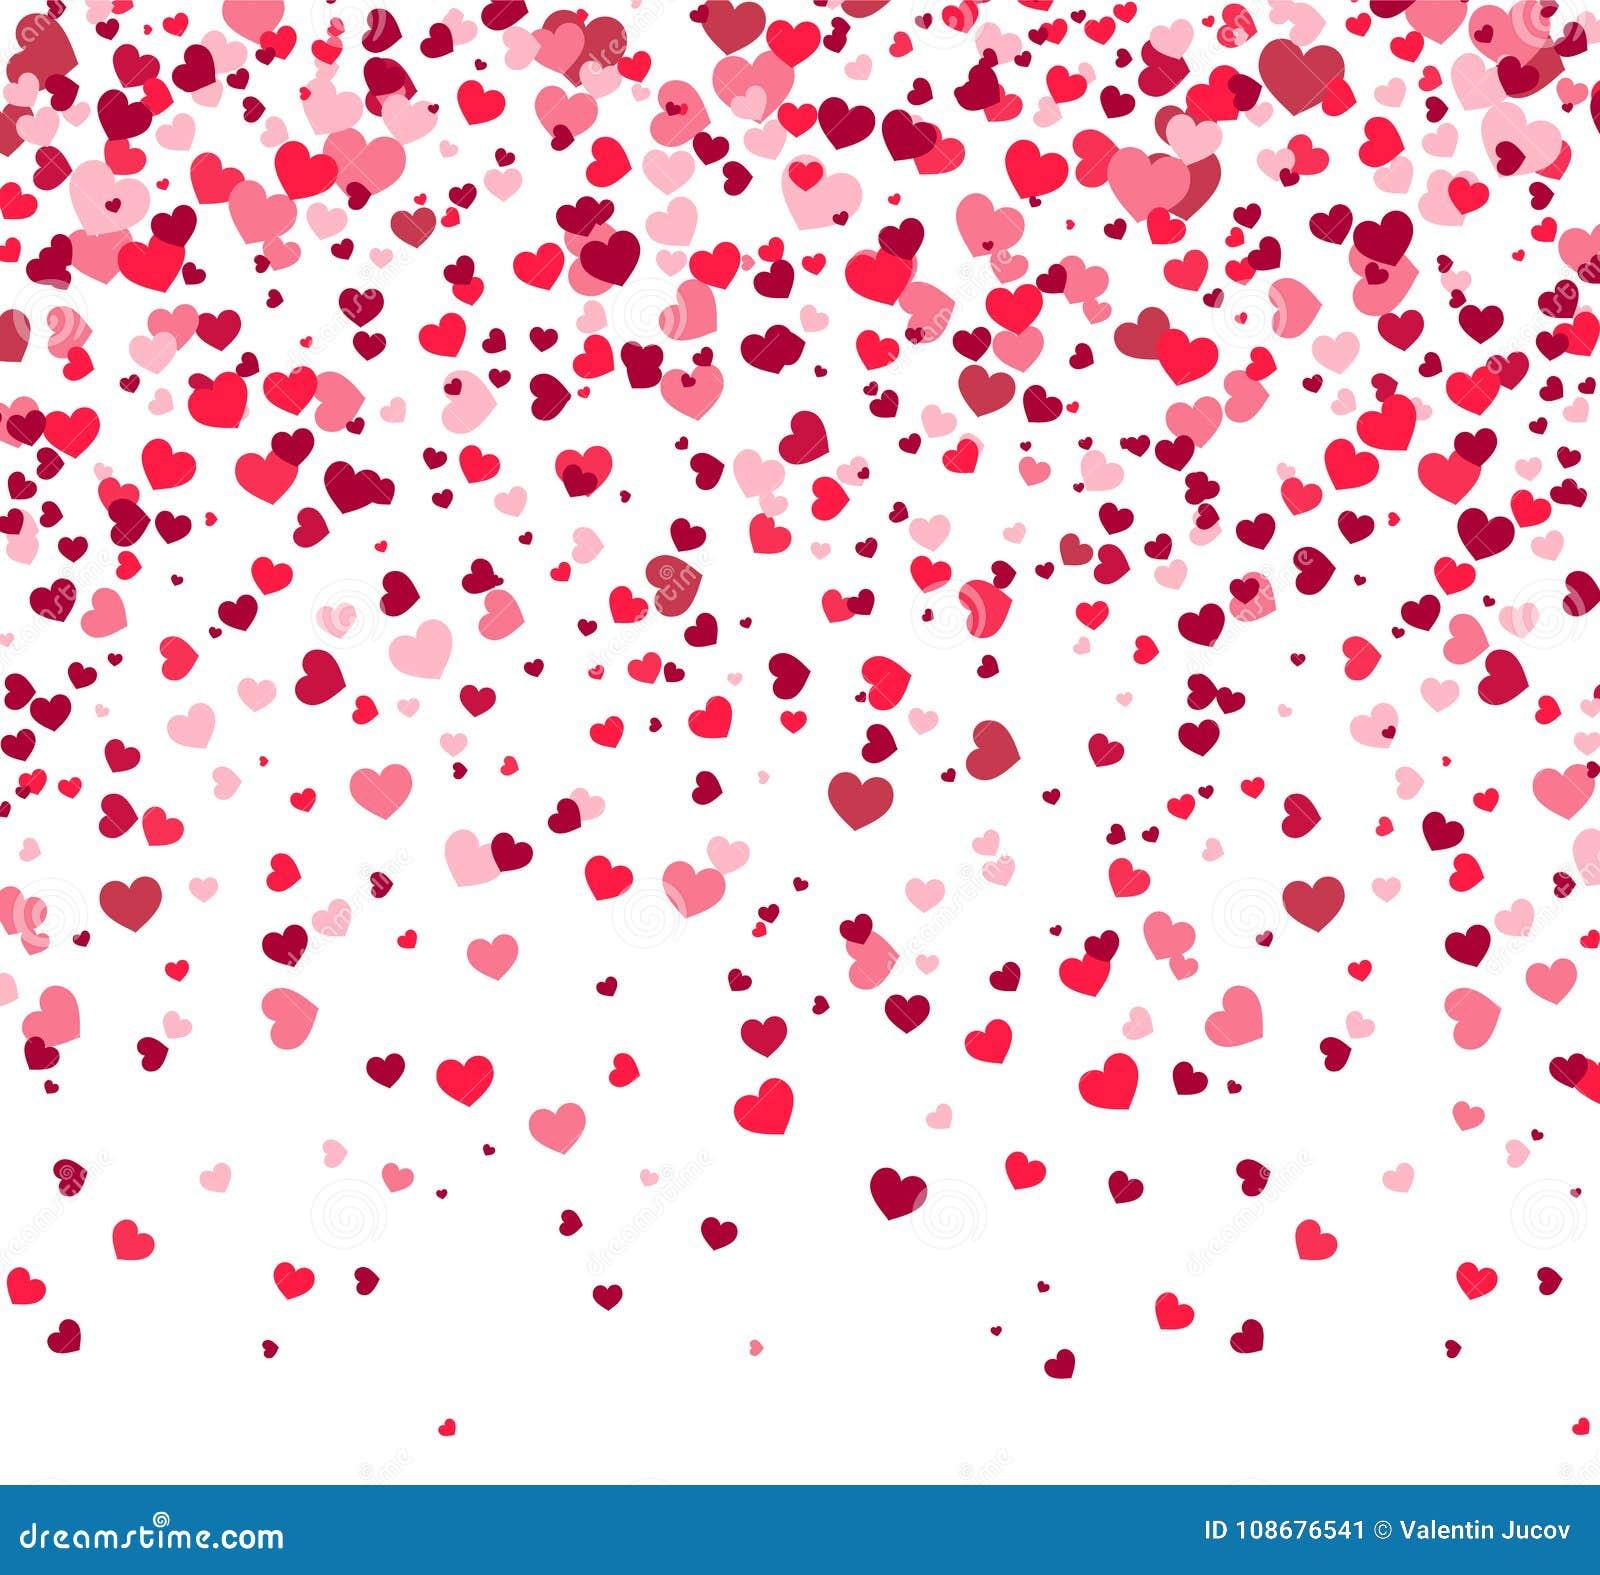 Ημέρα βαλεντίνων - διανυσματική ευχετήρια κάρτα με τις καρδιές στο άσπρο υπόβαθρο